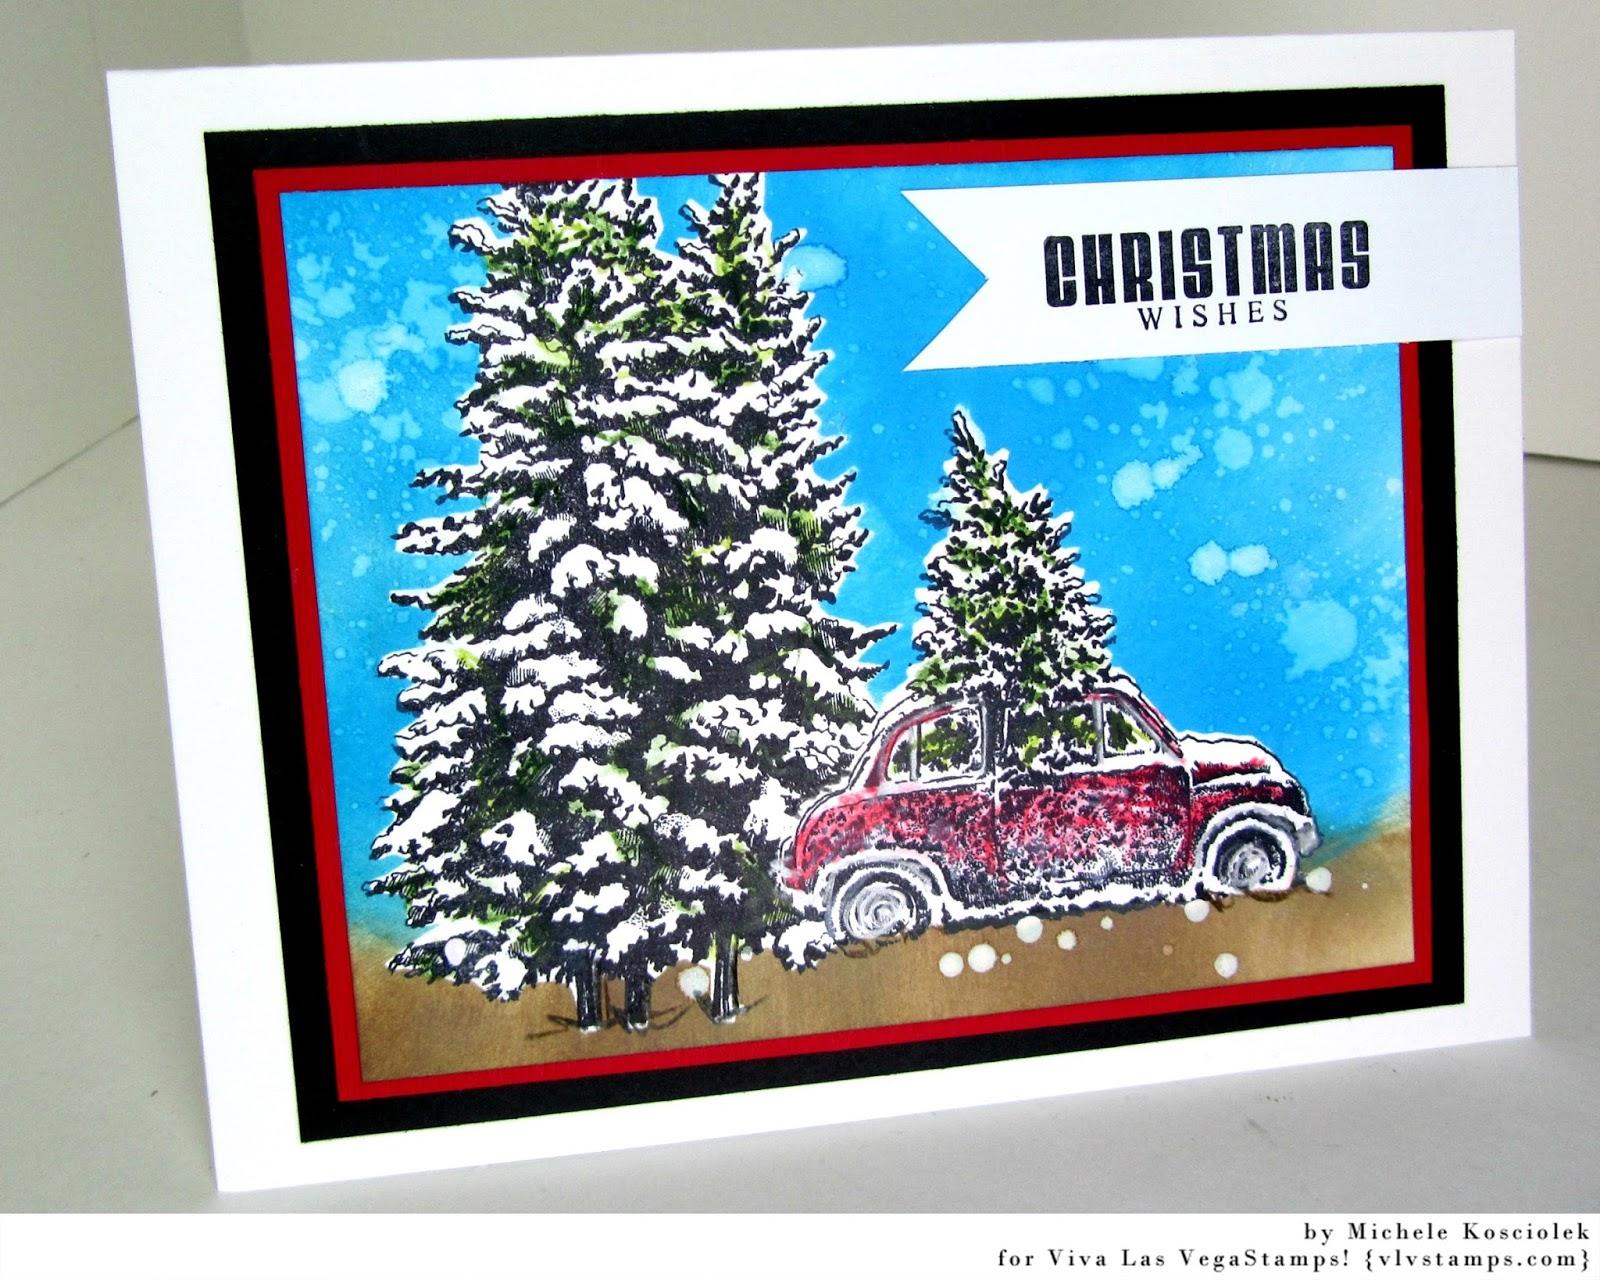 Viva Las VegaStamps!: Sneak Peek at My Christmas Cards